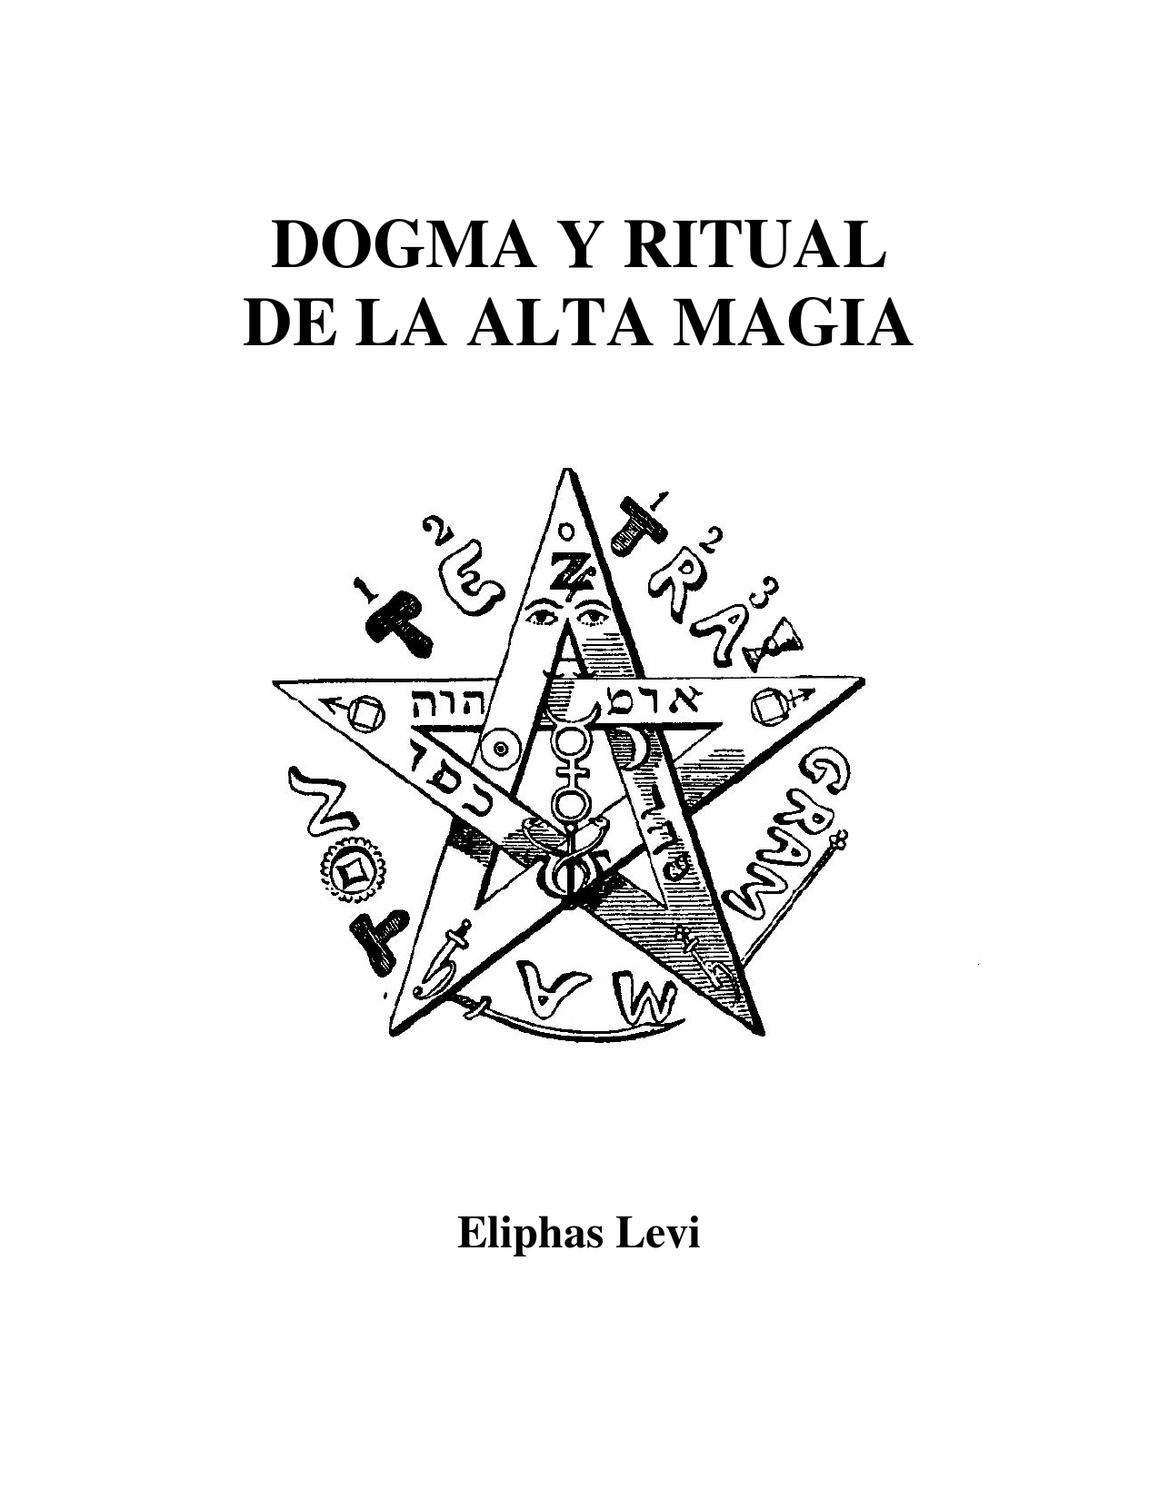 DOGMA RITUAL DE ALTA MAGIA CASA GRIMORIO by Casa Grimorio